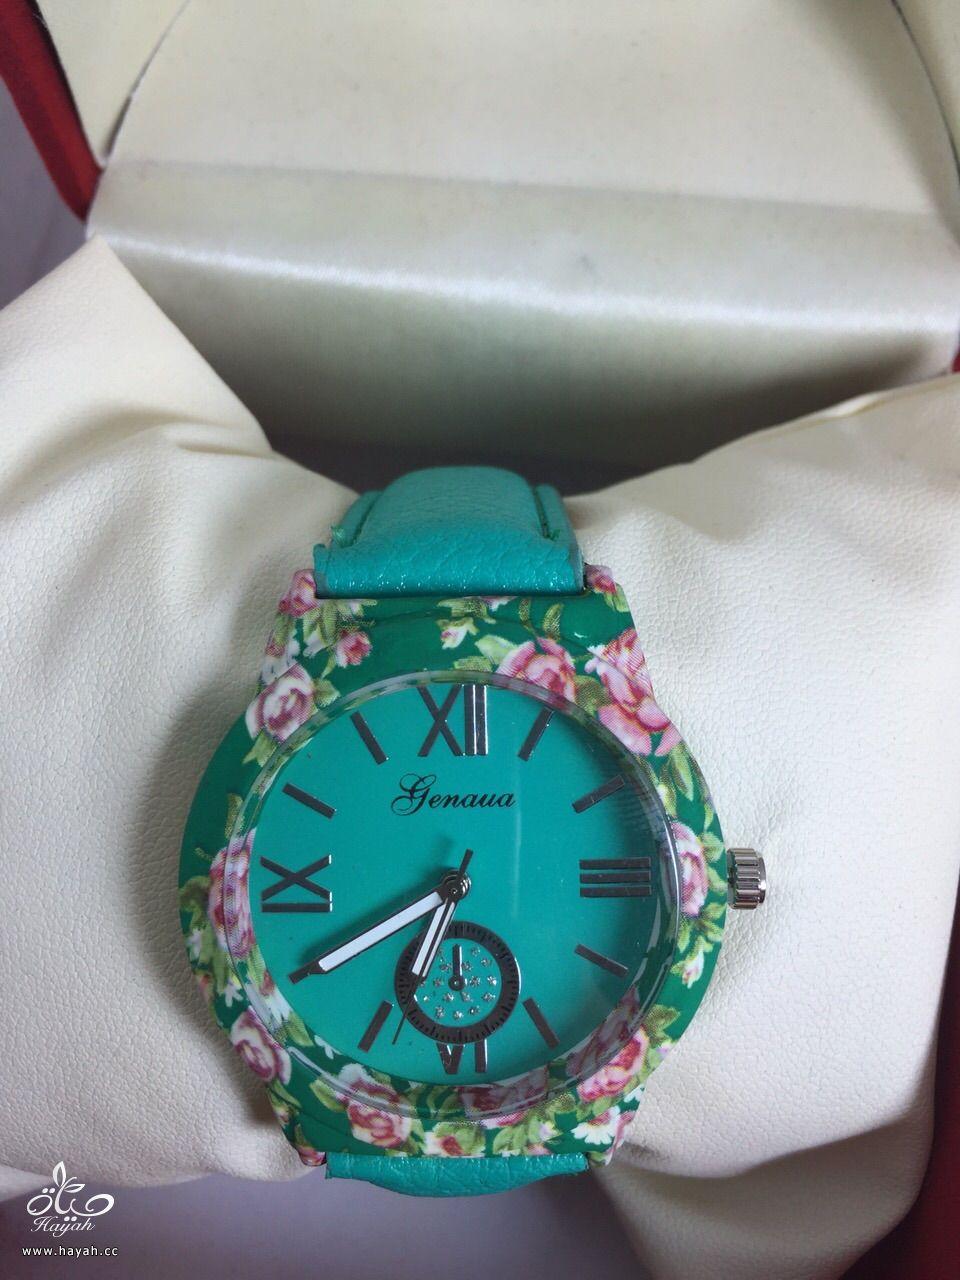 جديد ساعات جينفا بسعر راائع hayahcc_1427842412_423.jpg